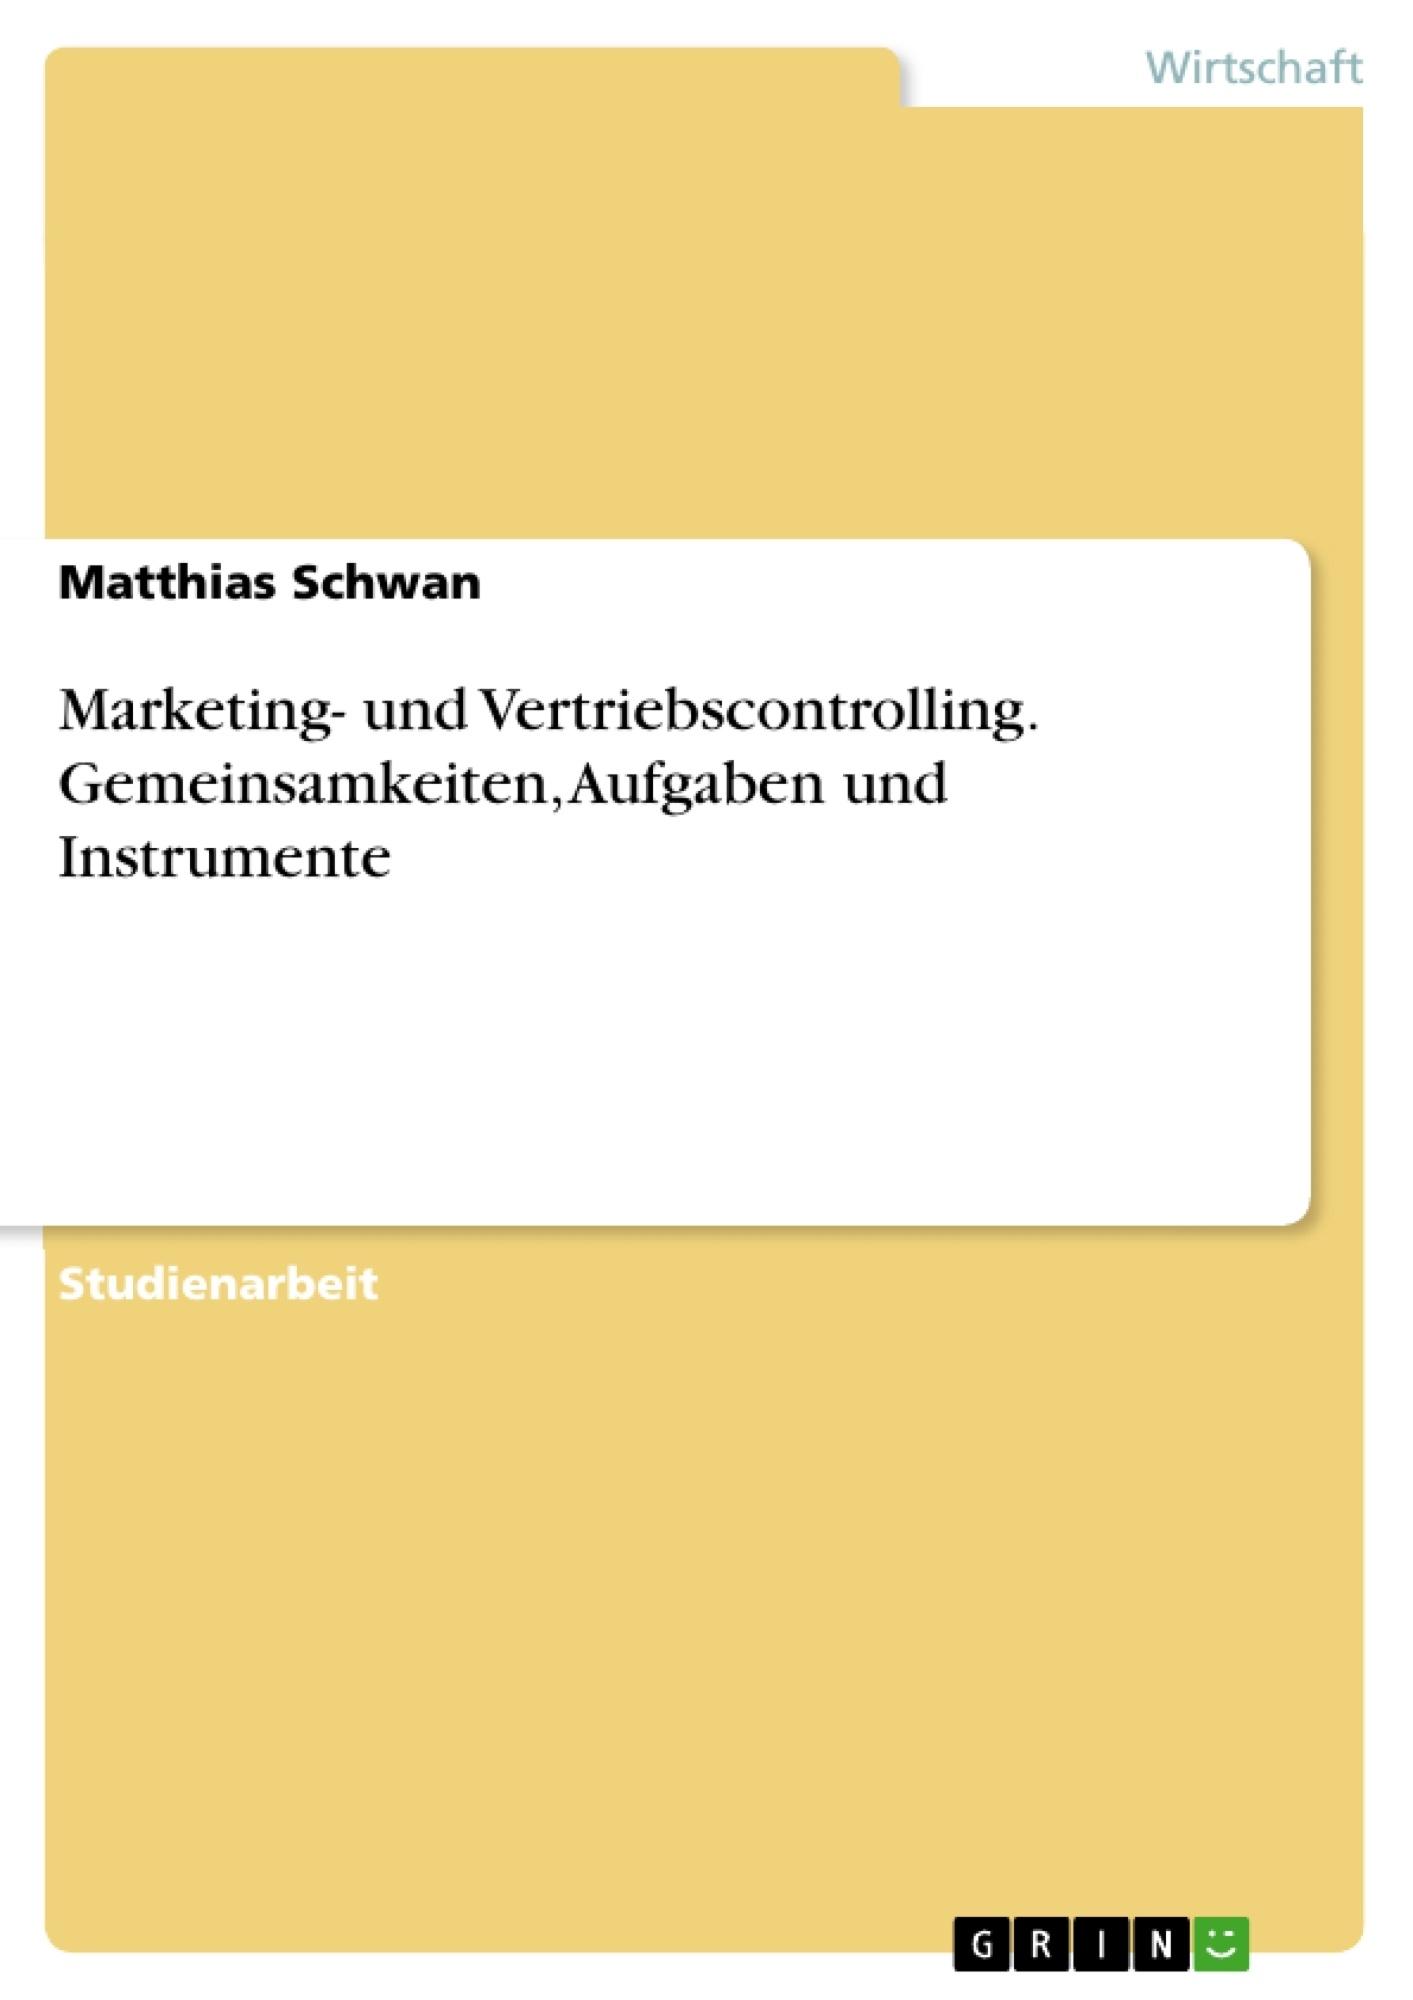 Titel: Marketing- und Vertriebscontrolling. Gemeinsamkeiten, Aufgaben und Instrumente